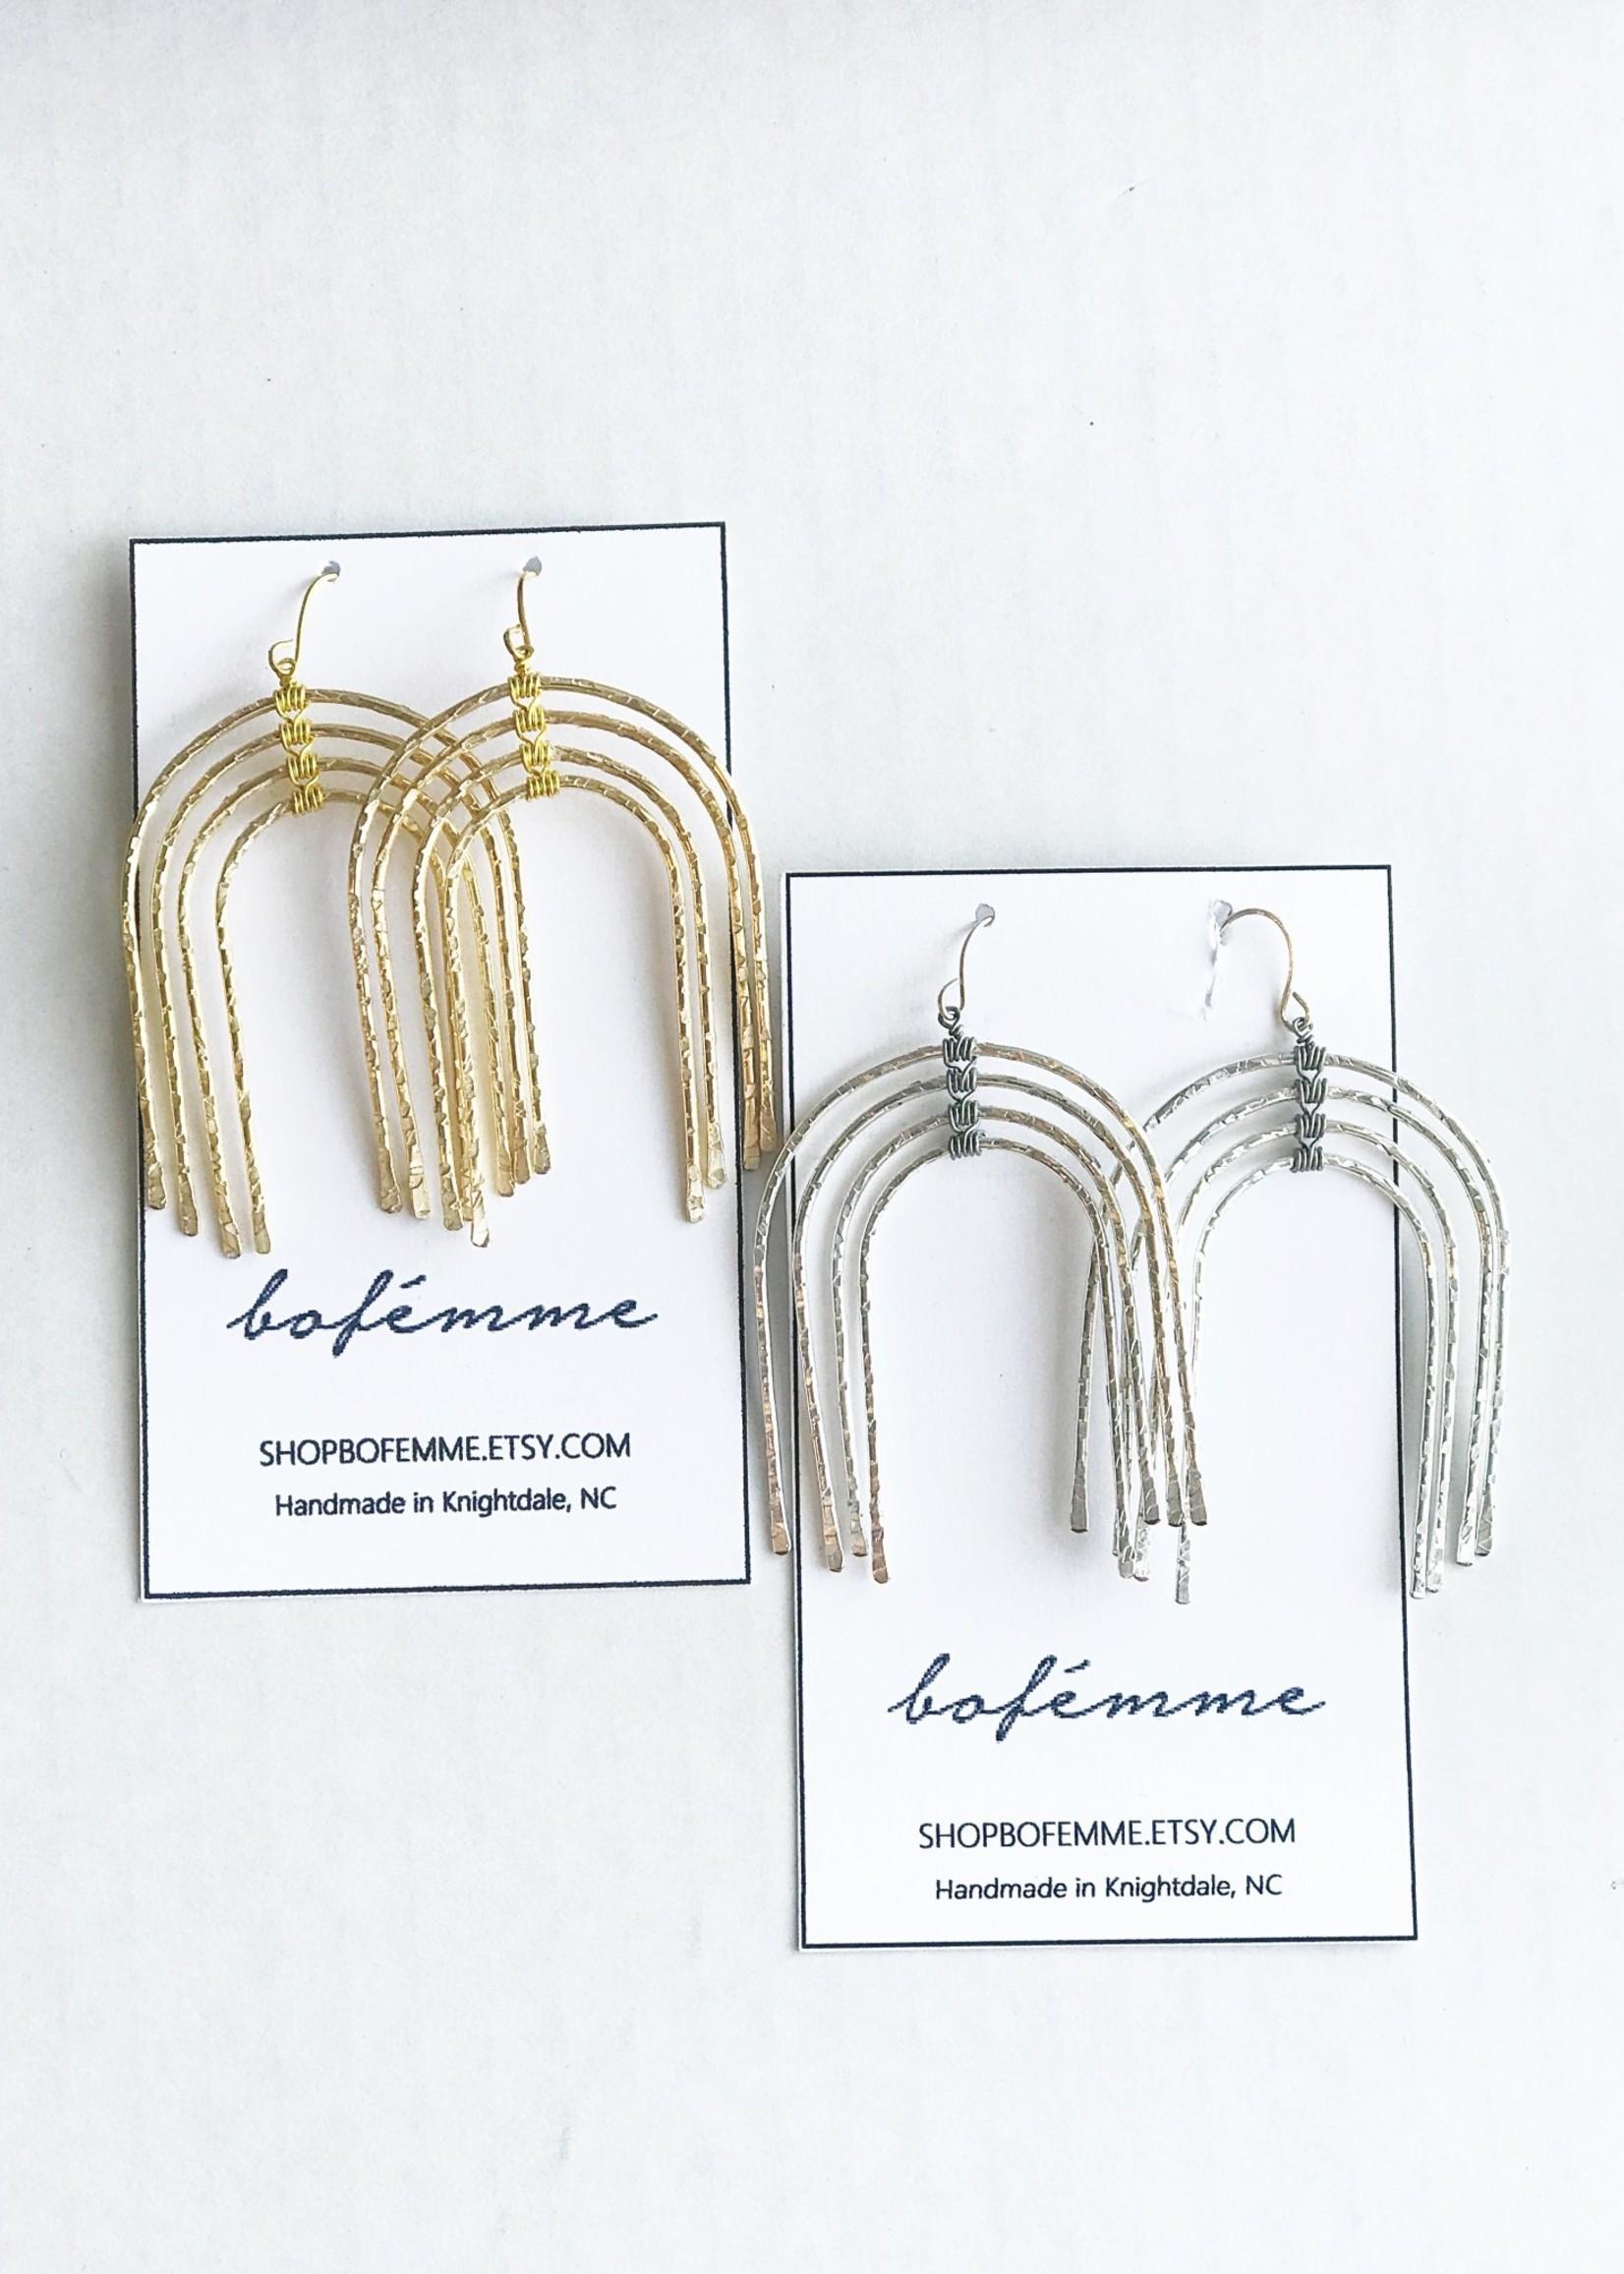 Bofemme Bofemme Lg Rainbow Earrings